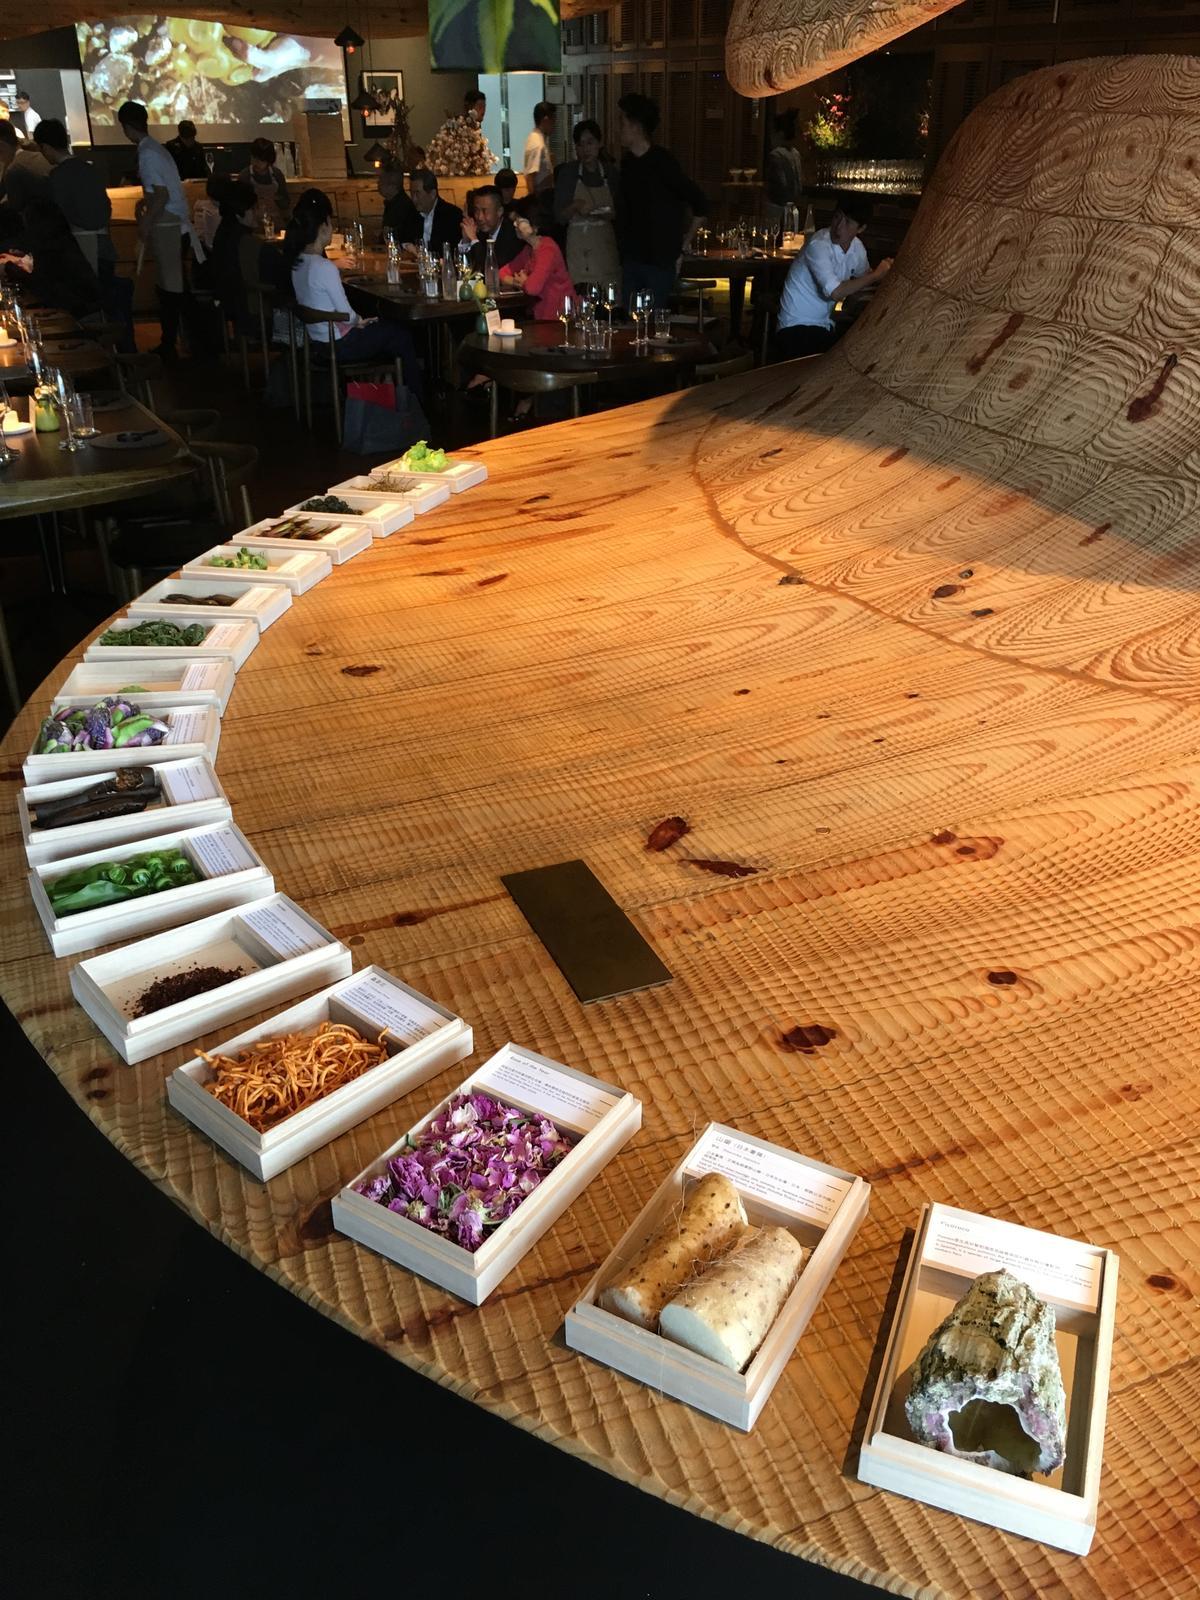 餐廳陳列Rodolfo從智利帶來的稀有食材,讓客人大開眼界。